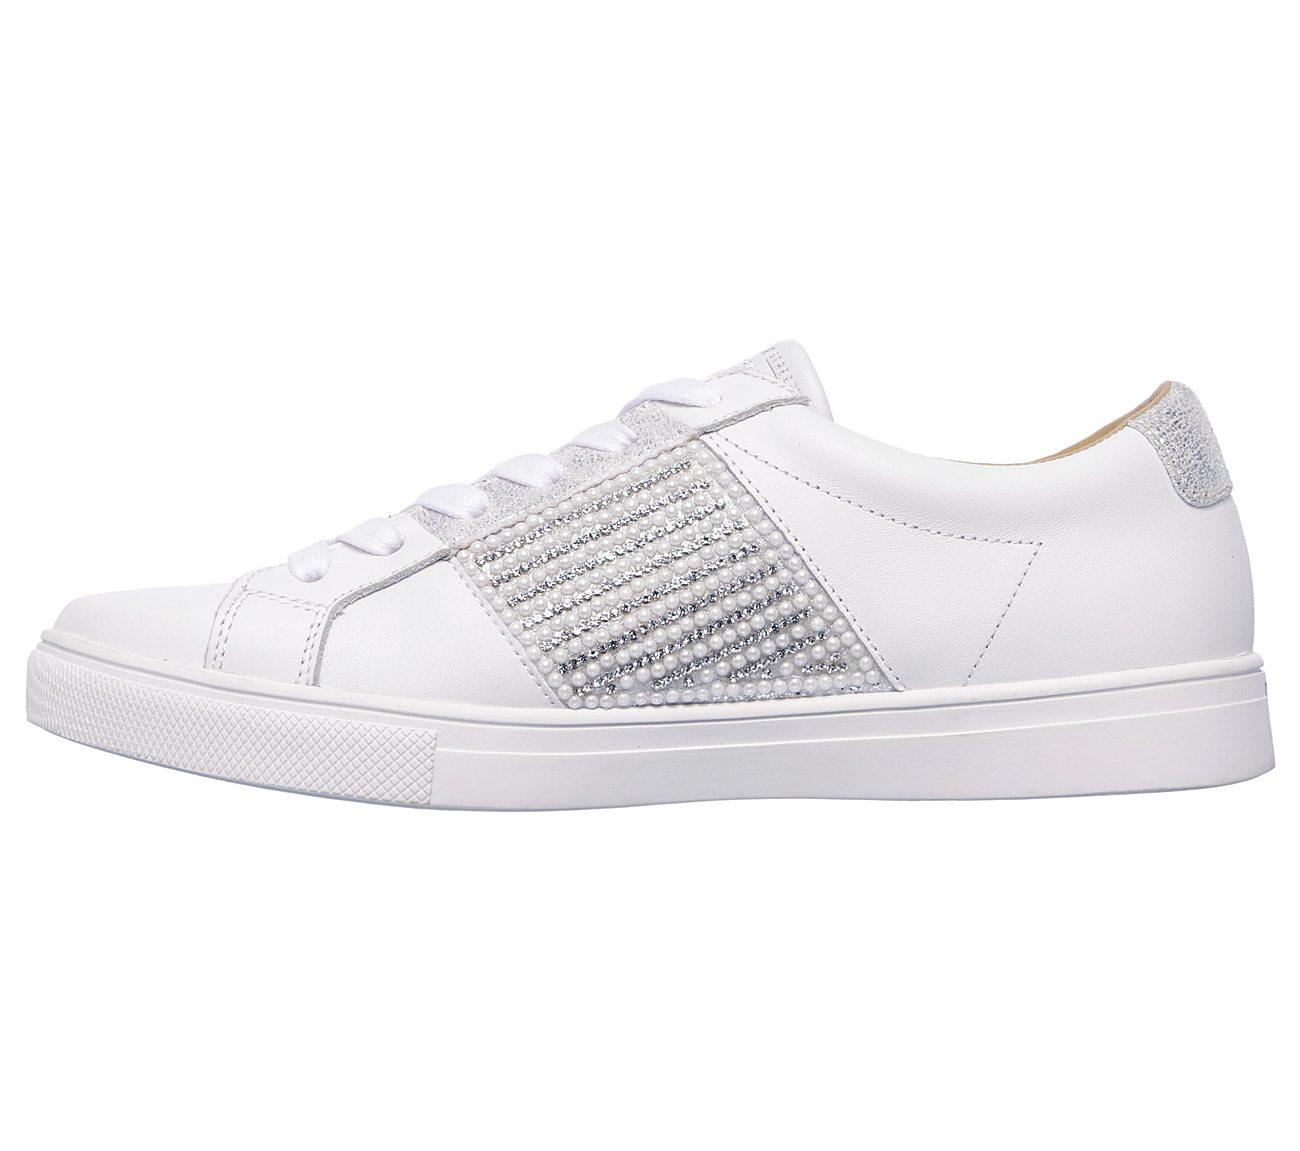 Inaccesible protesta ataque  Buy SKECHERS Moda - Bling Bandit SKECHER Street Shoes